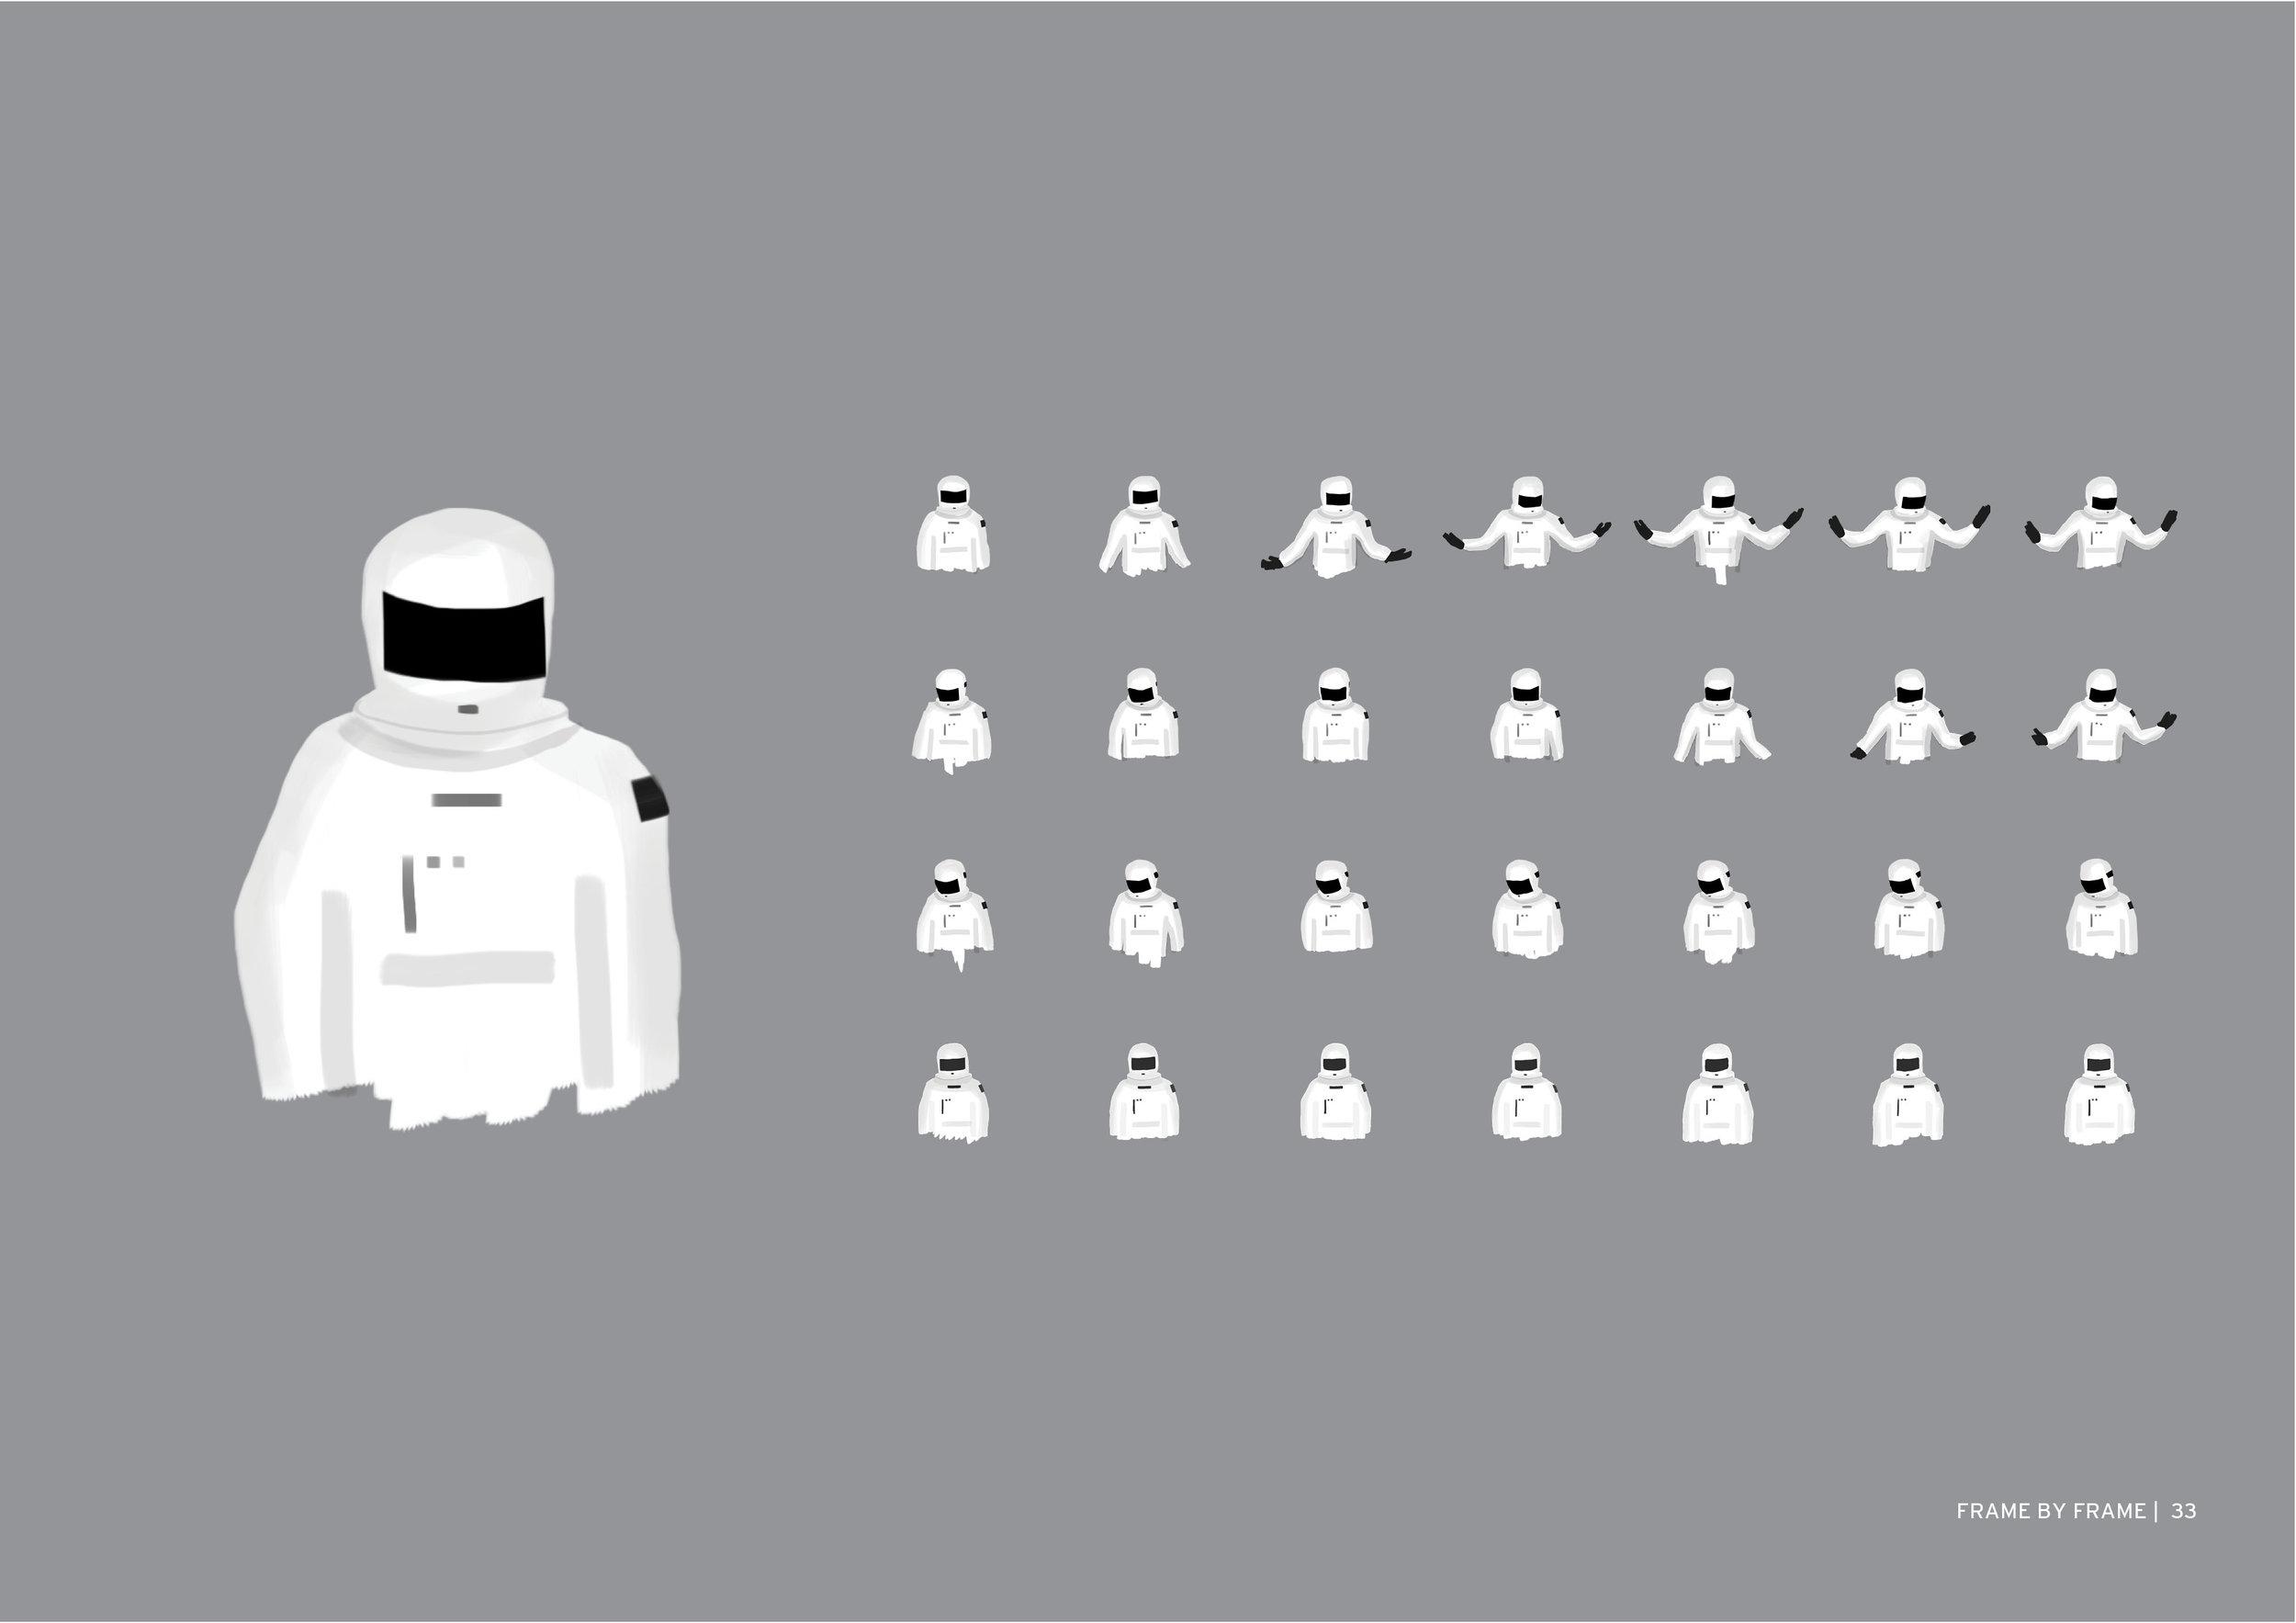 Framebyframe2.jpg